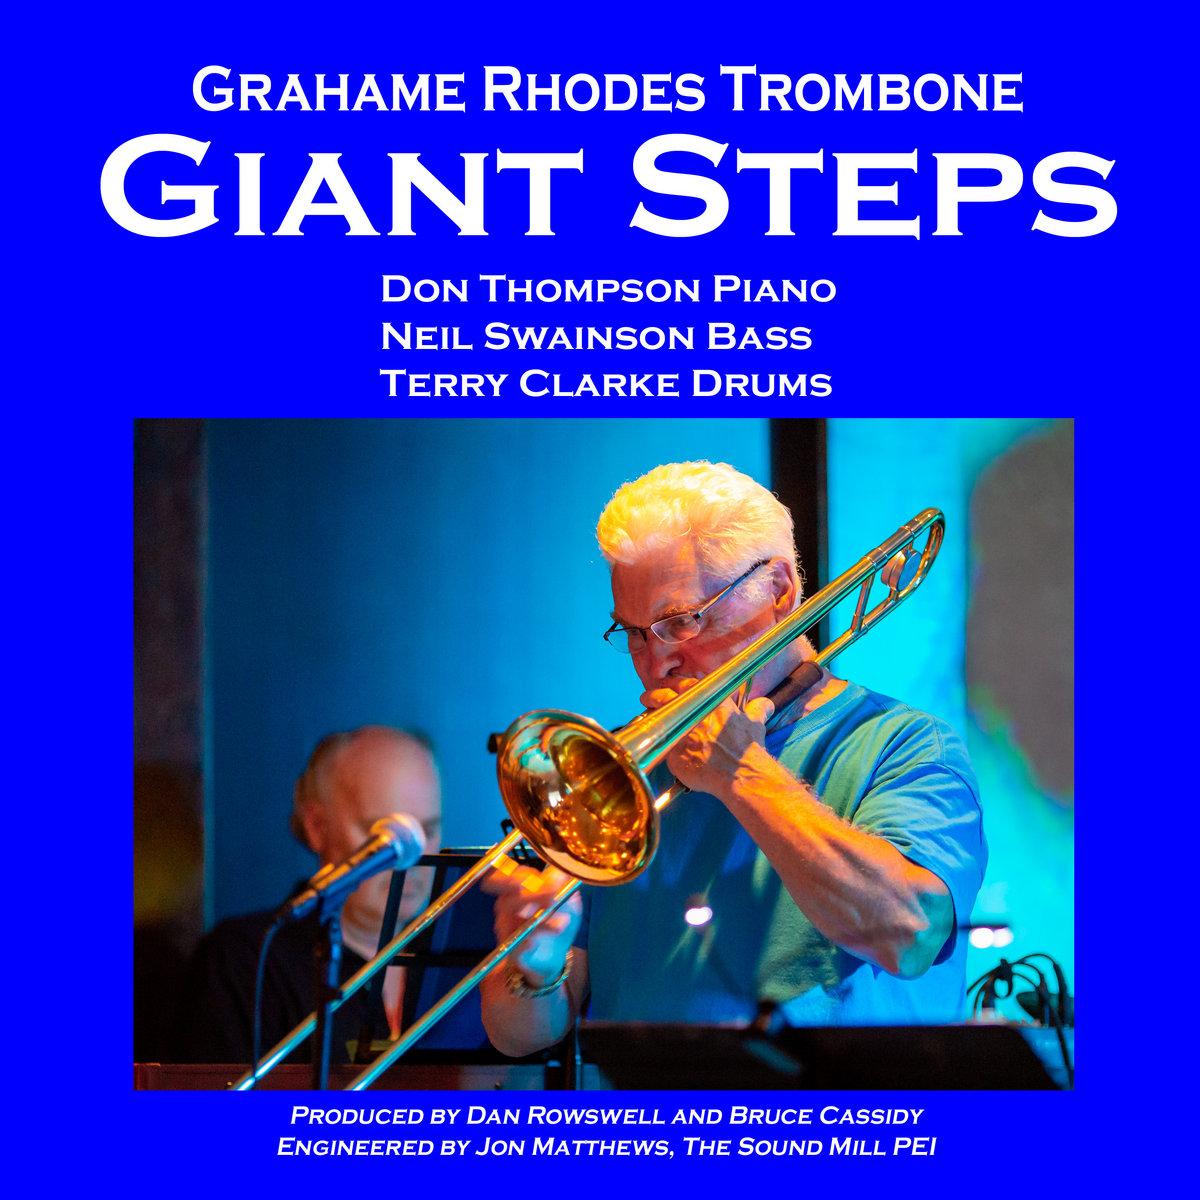 Giant Steps   Grahame Rhodes